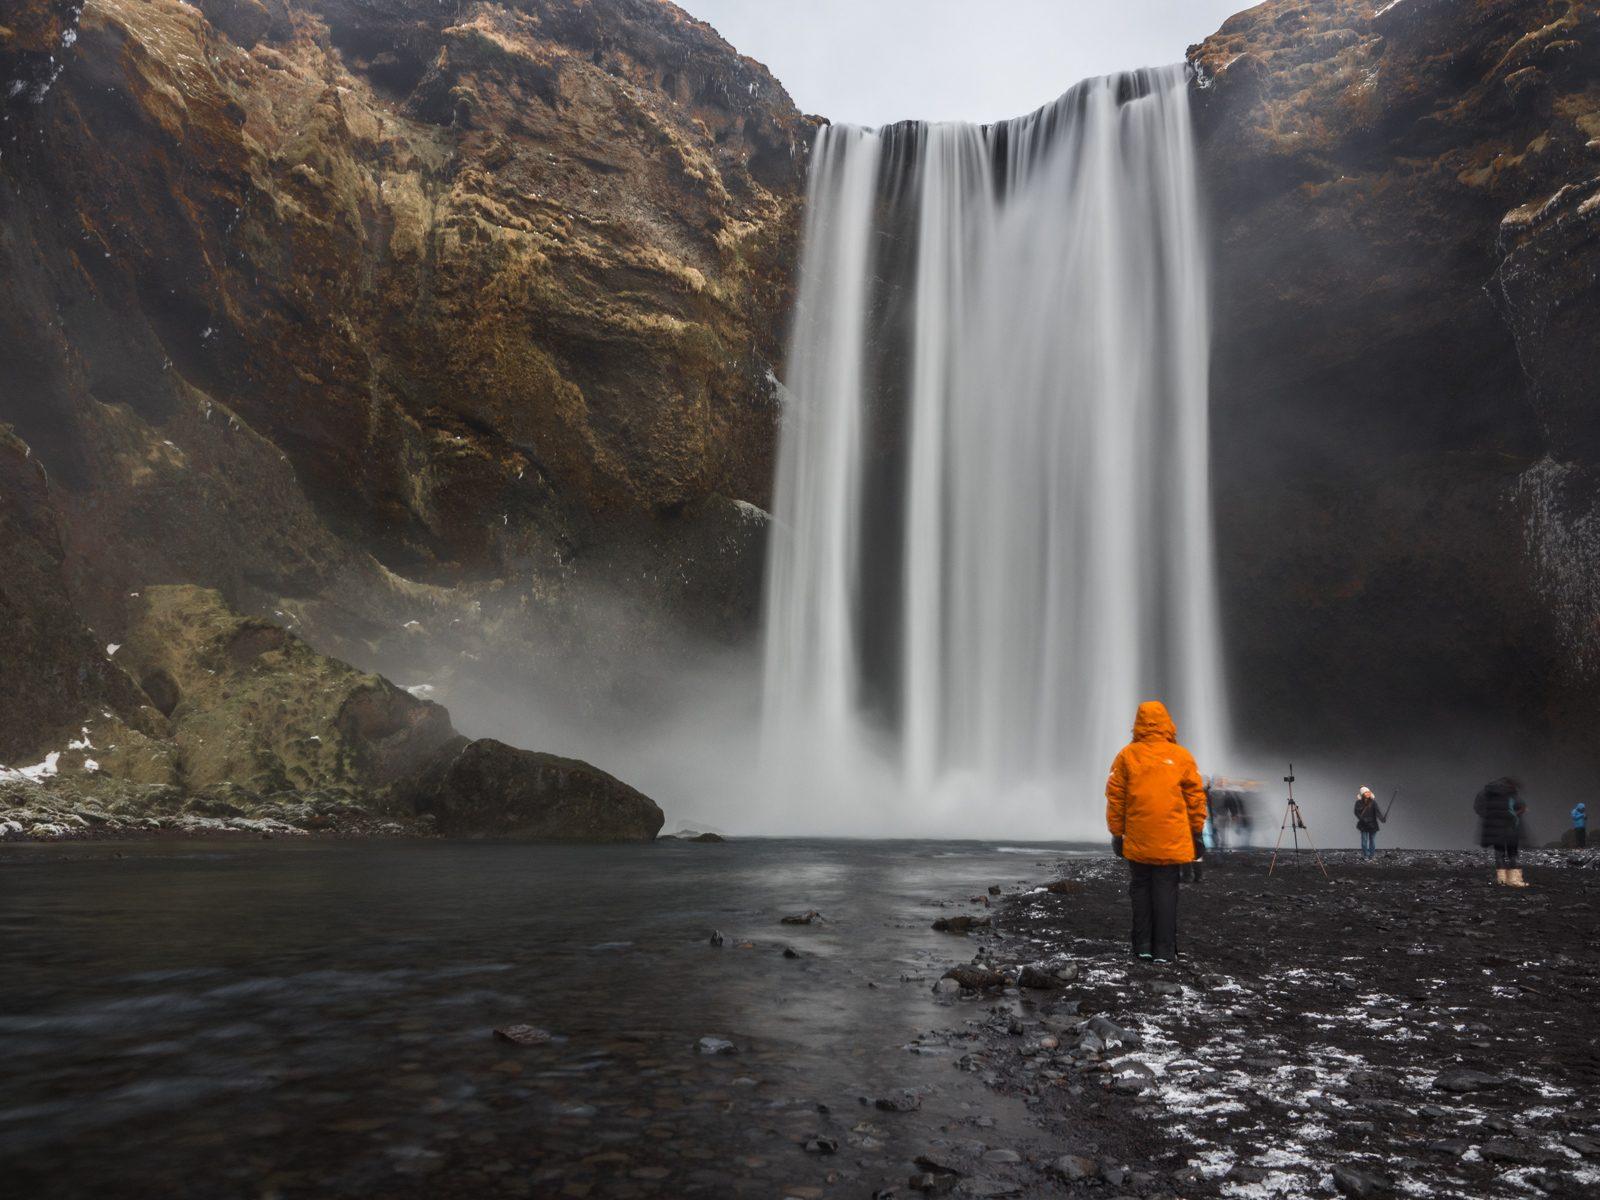 Lugares imprescindibles en un viaje fotográfico a Islandia